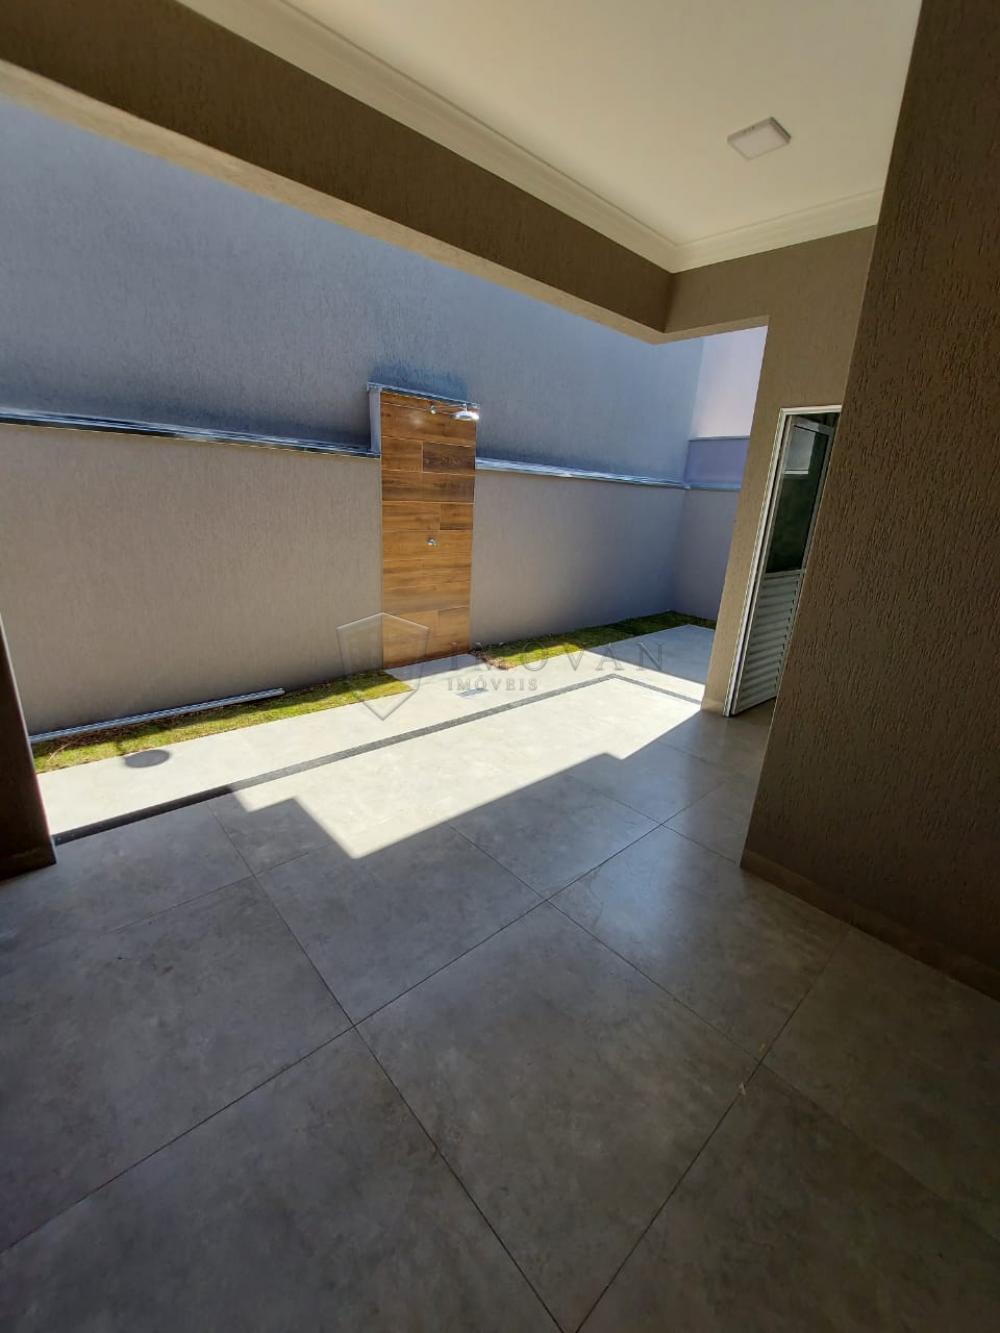 Comprar Casa / Condomínio em Bonfim Paulista R$ 850.000,00 - Foto 6